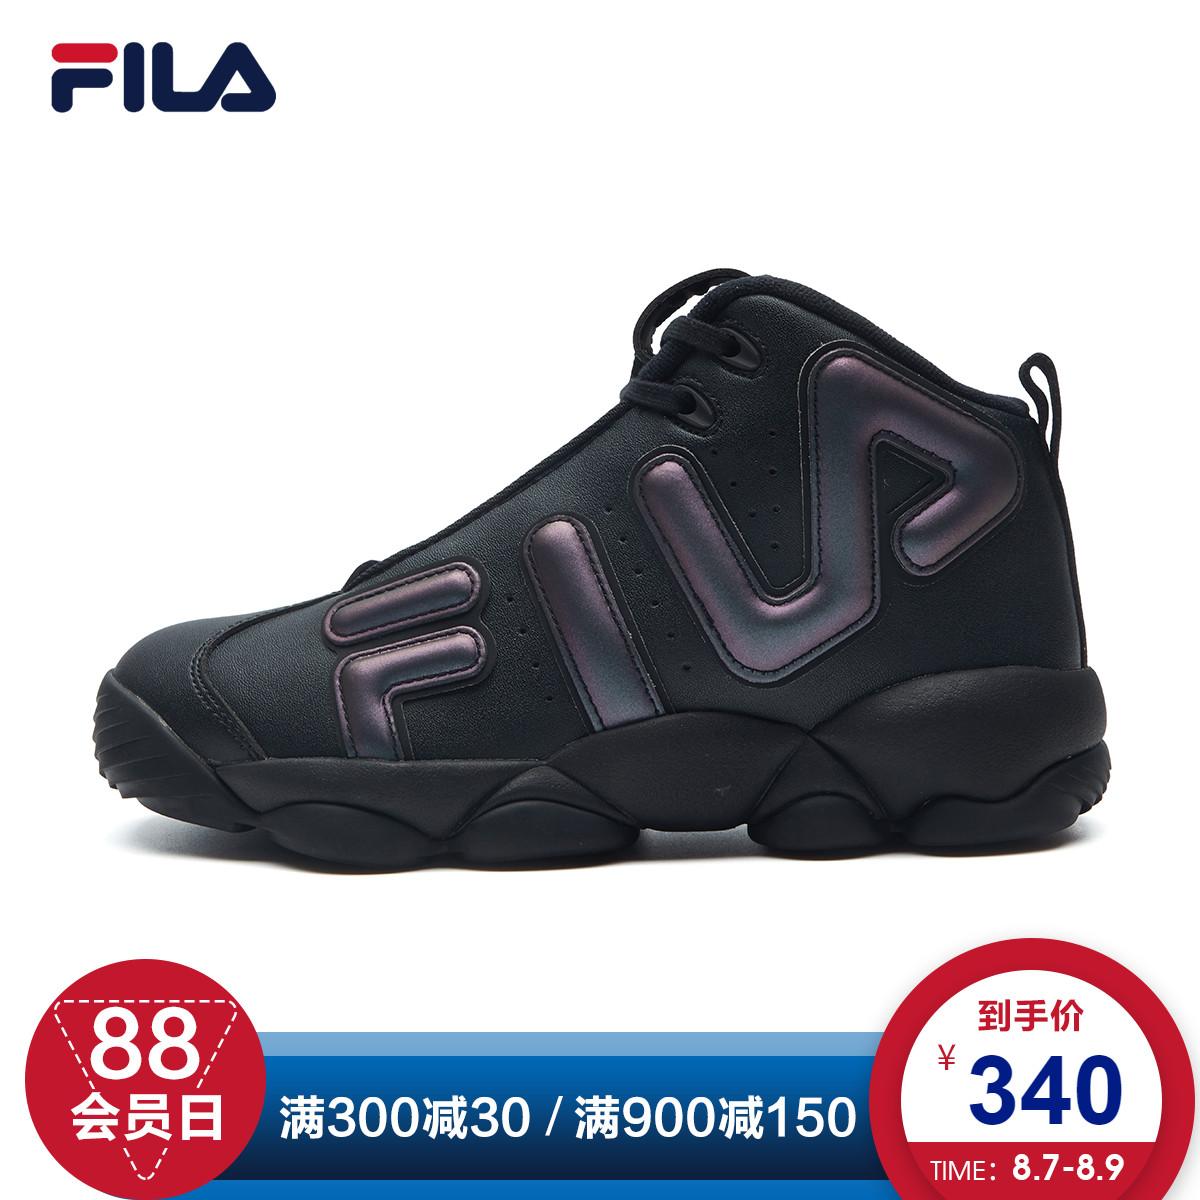 FILA斐乐正品女子篮球鞋冬季新款休闲运动时尚大LOGO休闲女鞋